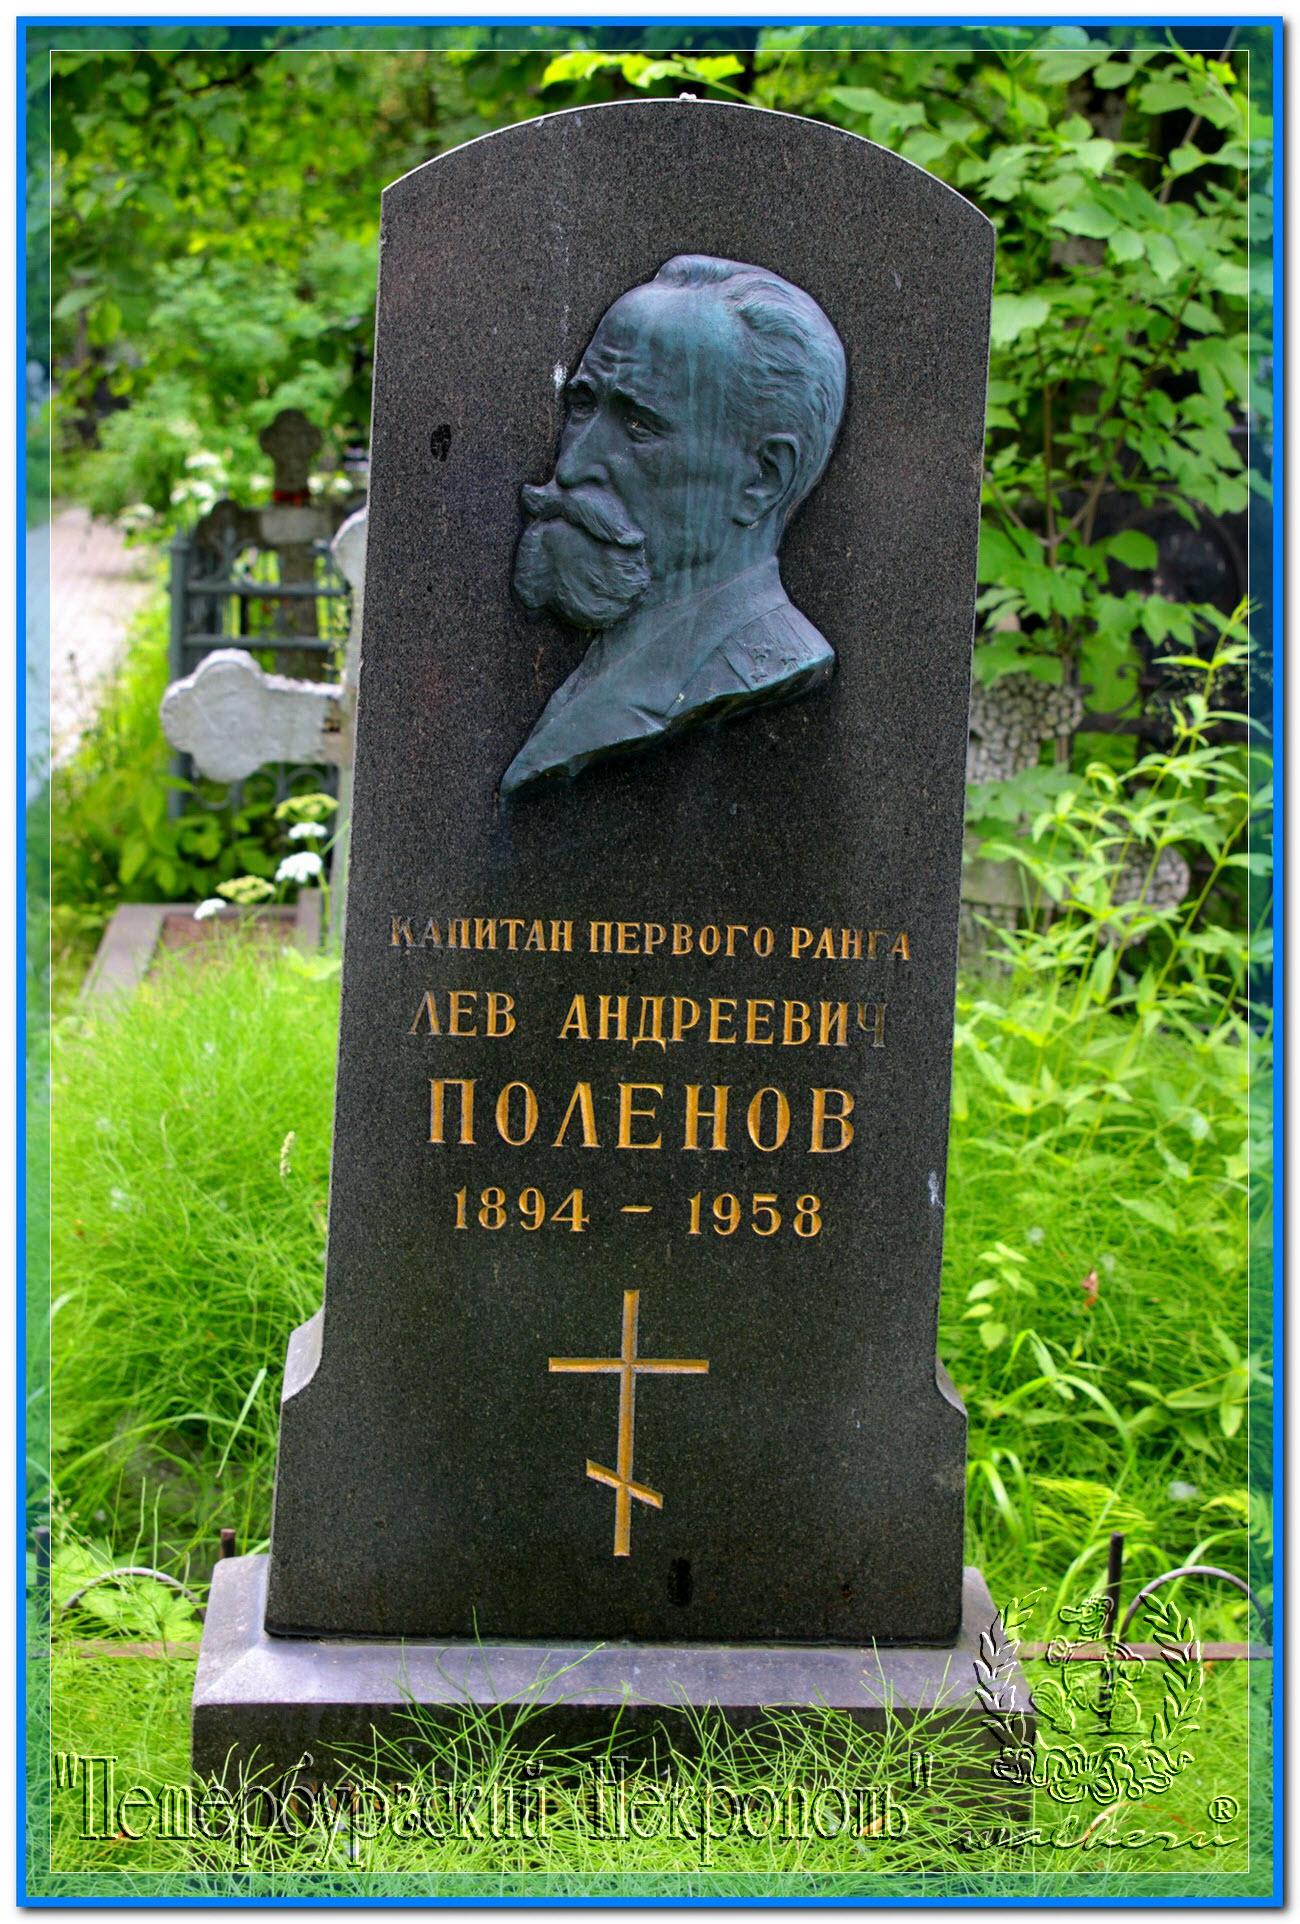 © Поленов Лев Андреевич